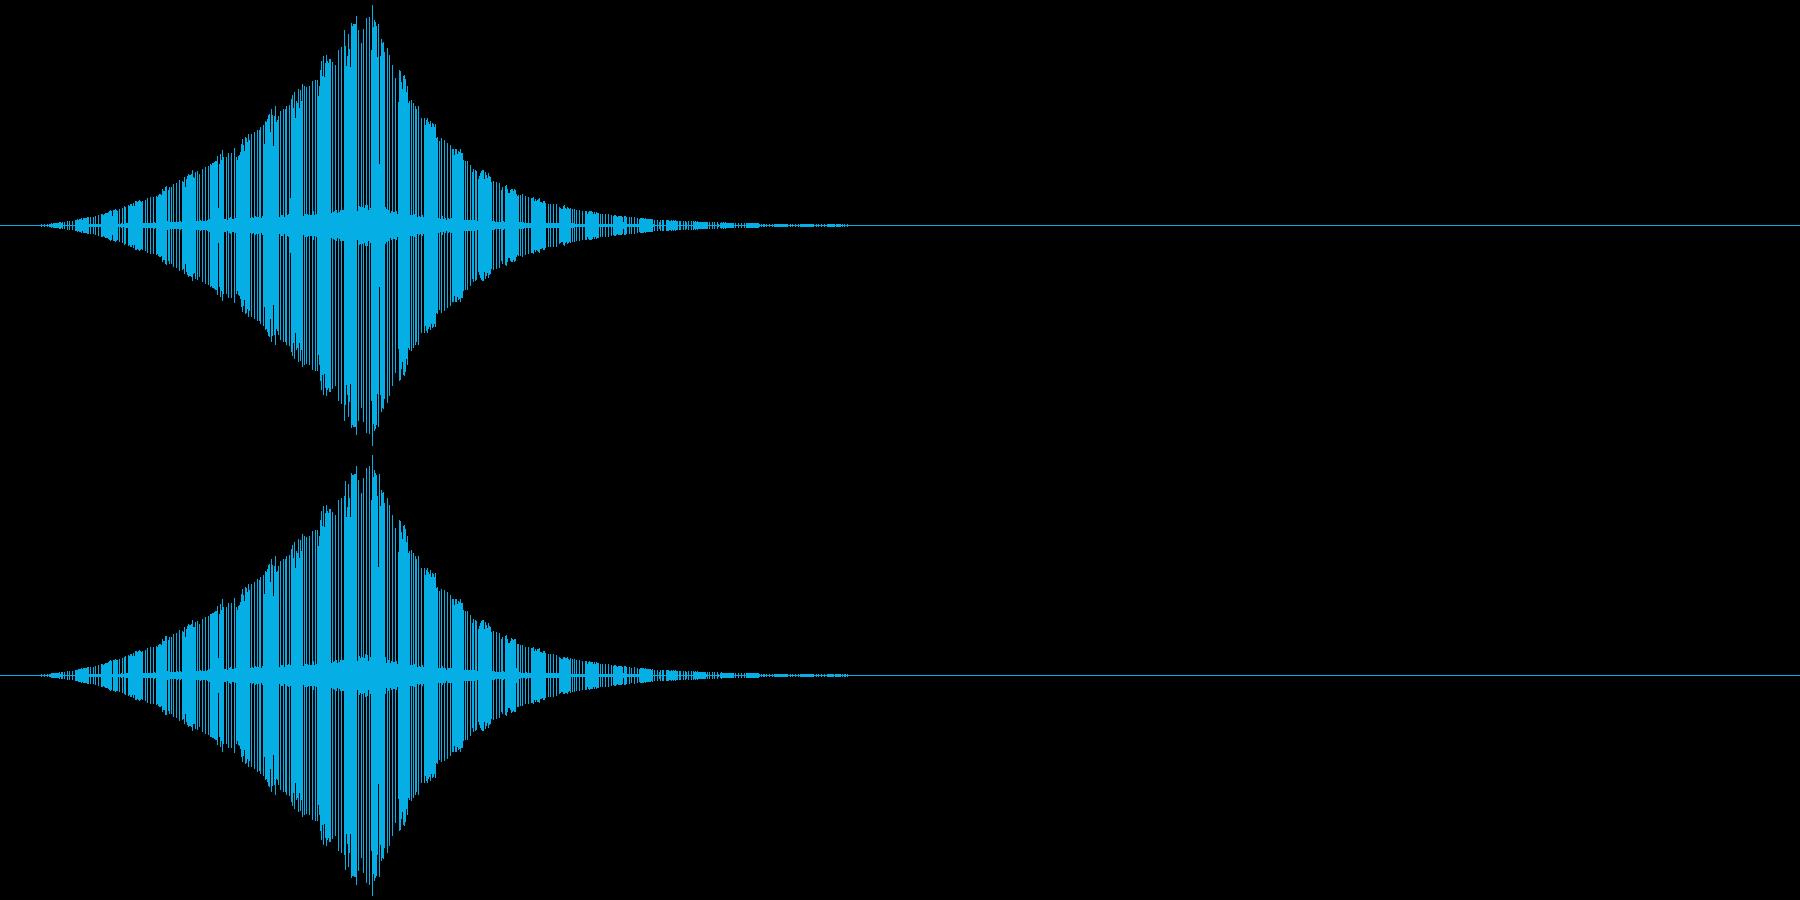 ヂュ--ン です。の再生済みの波形